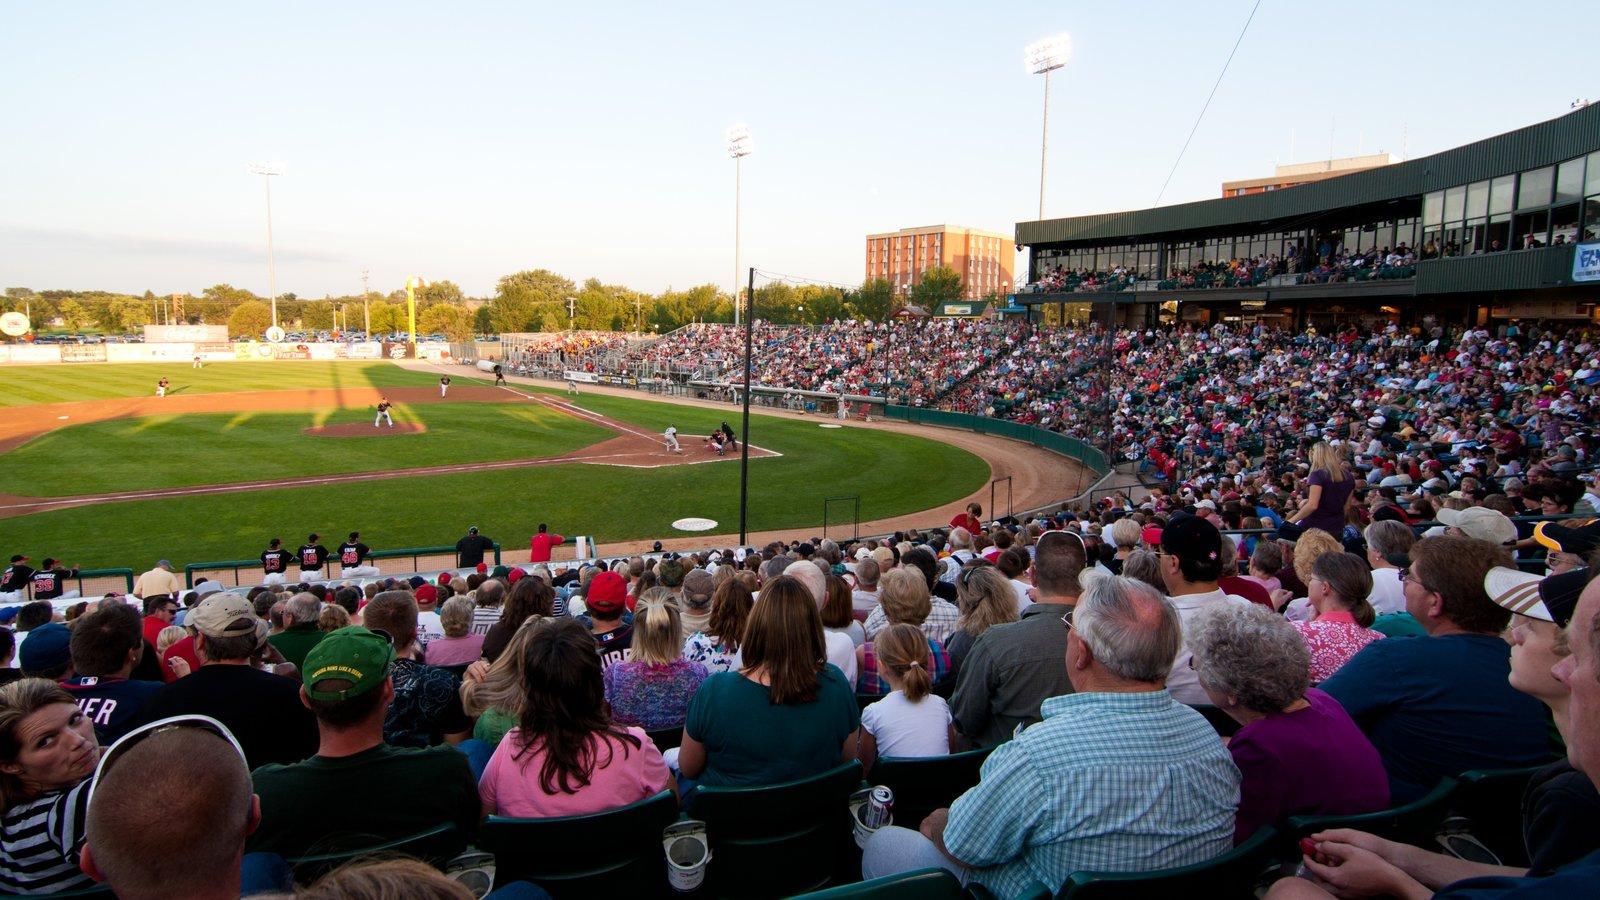 Fargo que inclui um evento desportivo assim como um grande grupo de pessoas